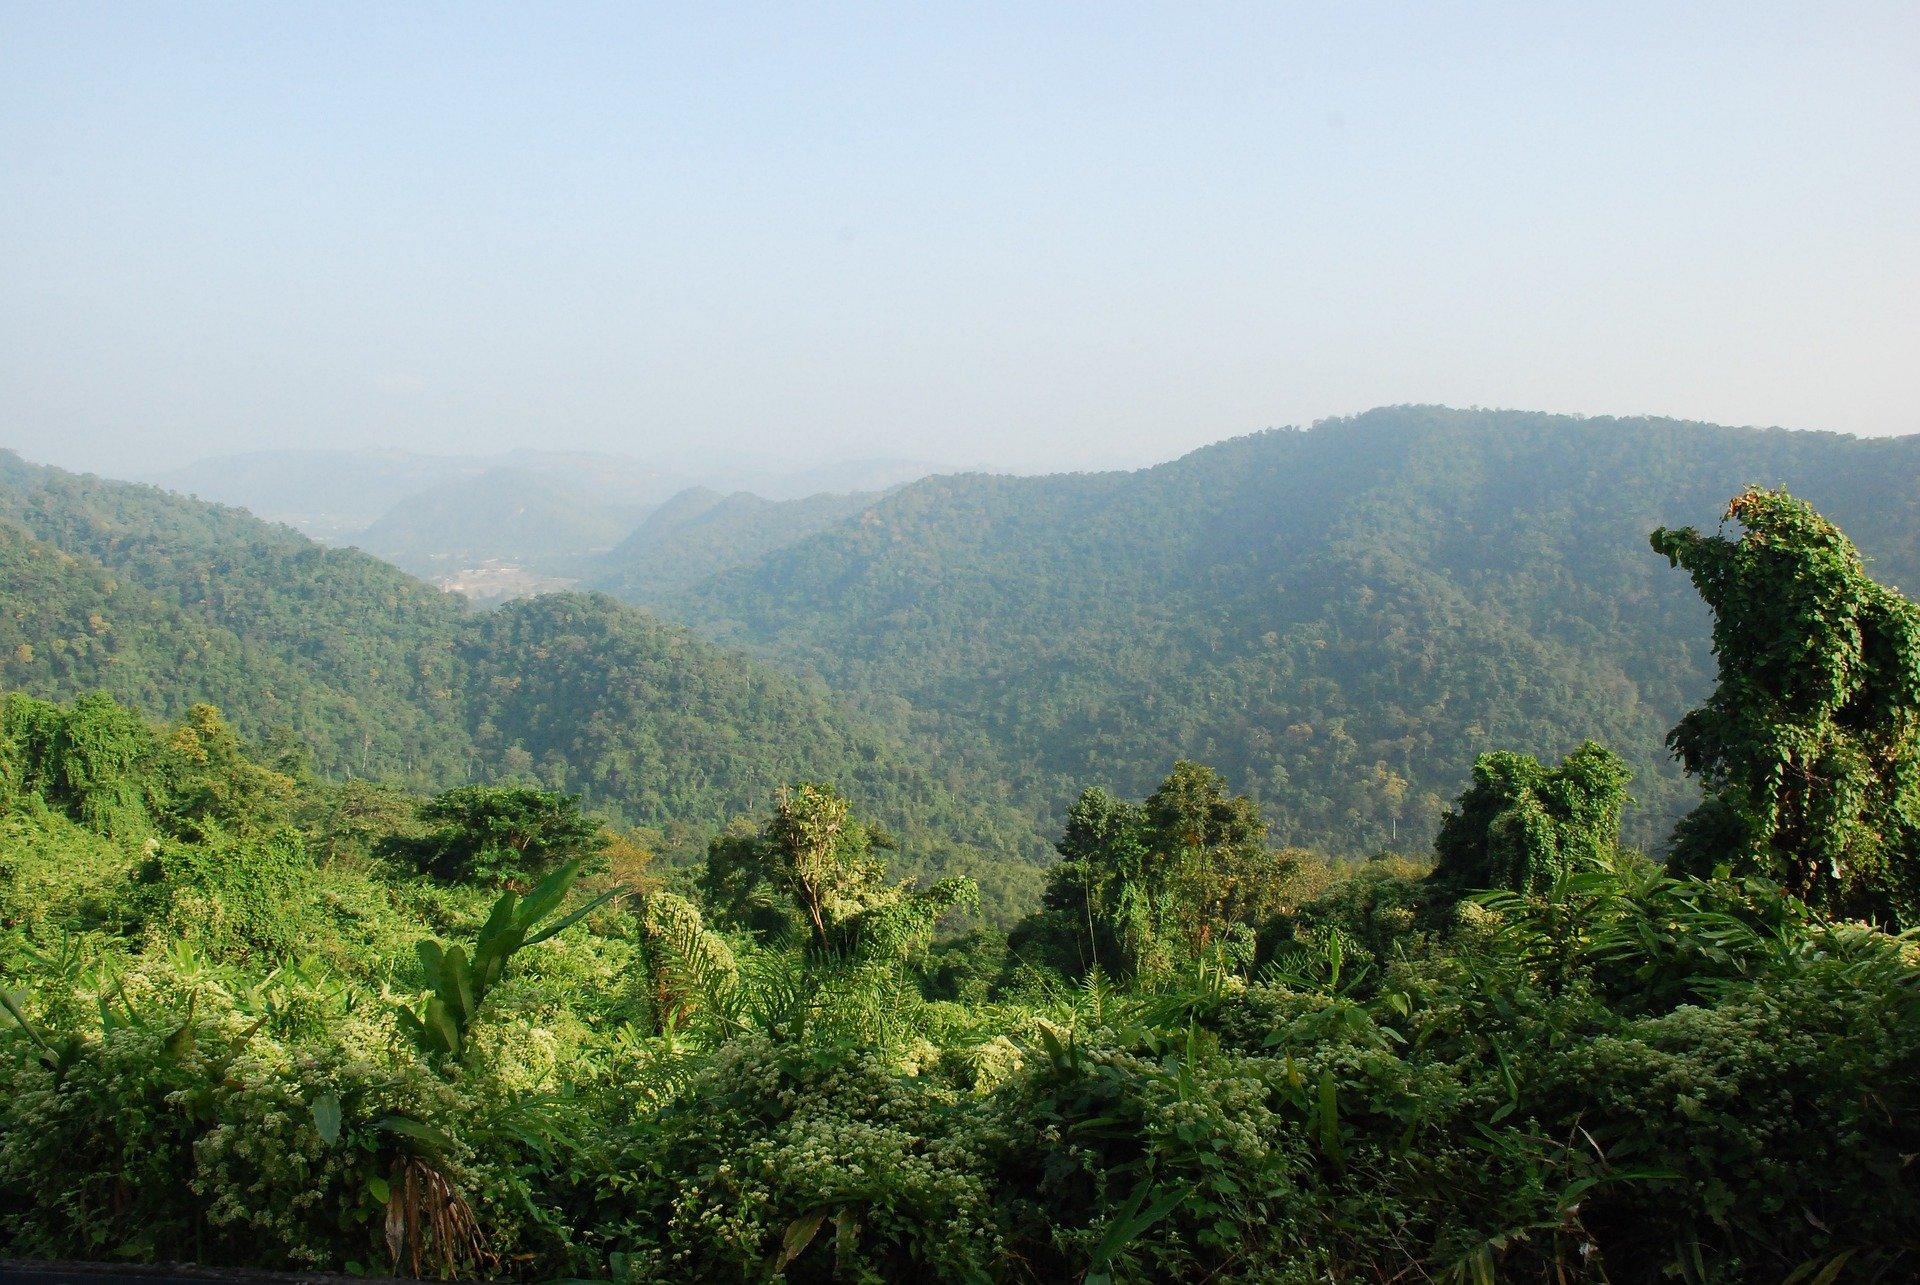 From Prachinburi you can access Khao Yai National Park